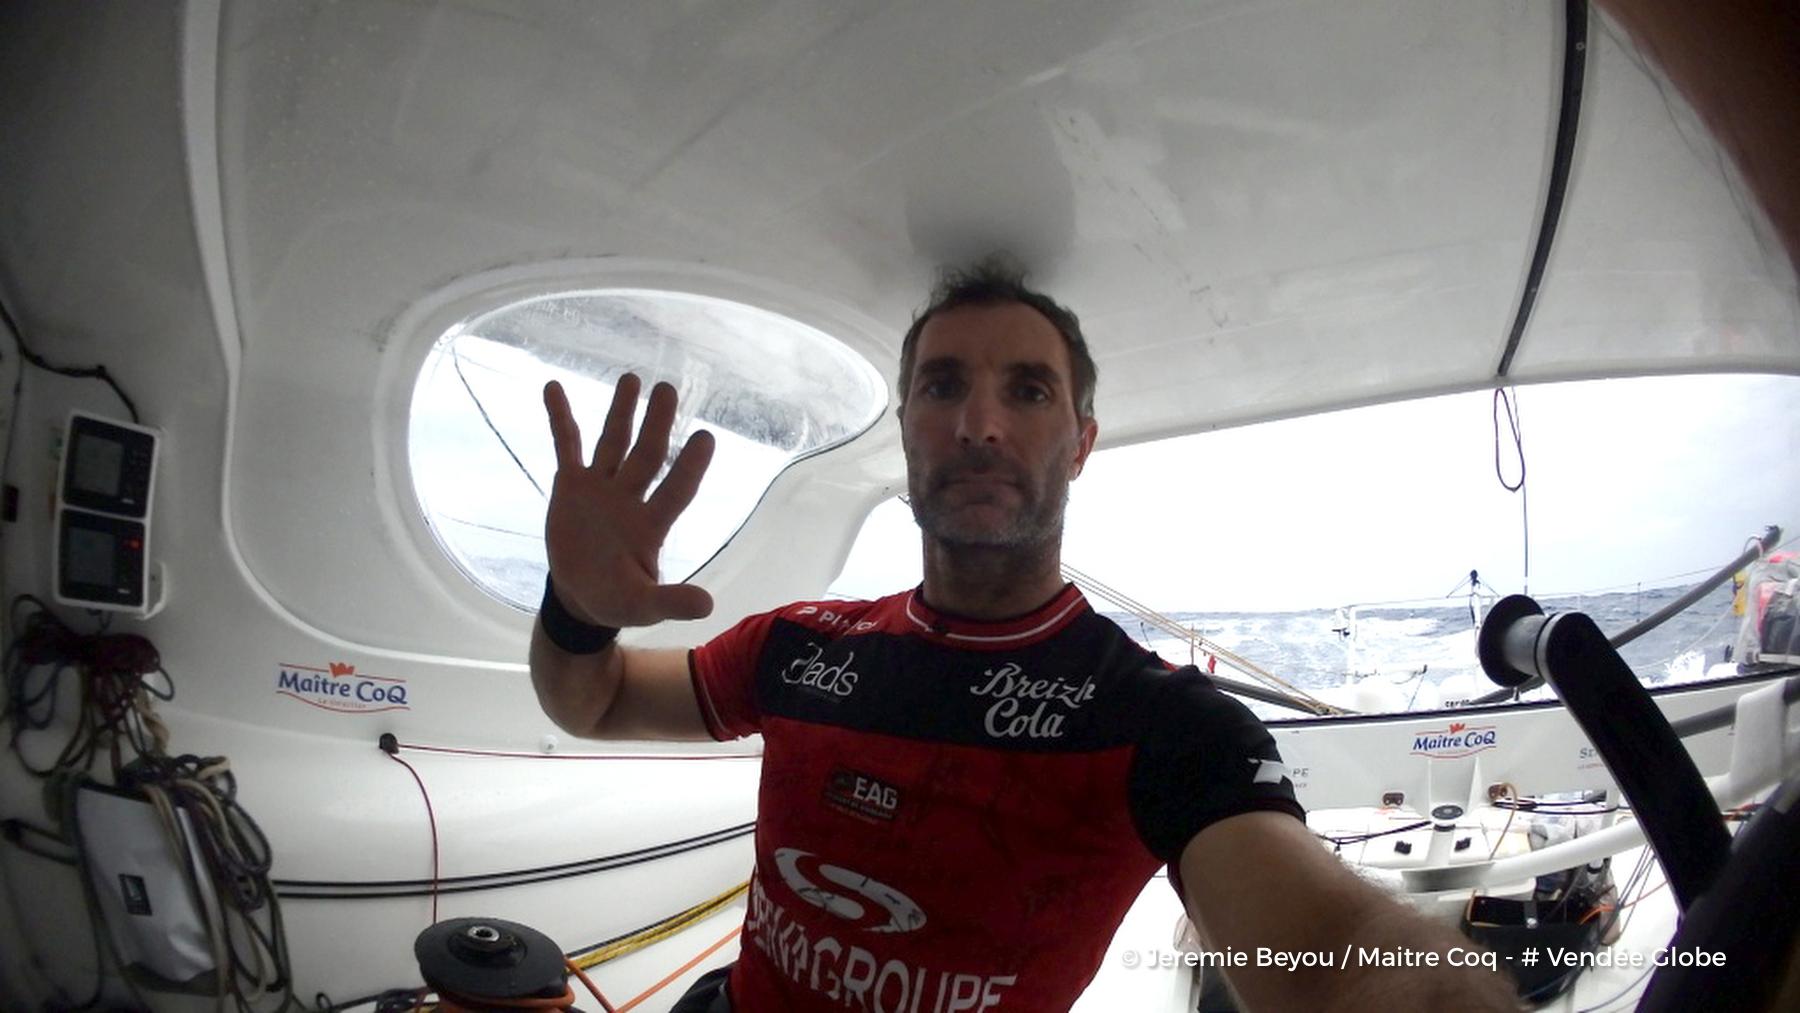 Vendée Globe. Avarie de grand-voile pour Jérémie Beyou sur Maître Coq